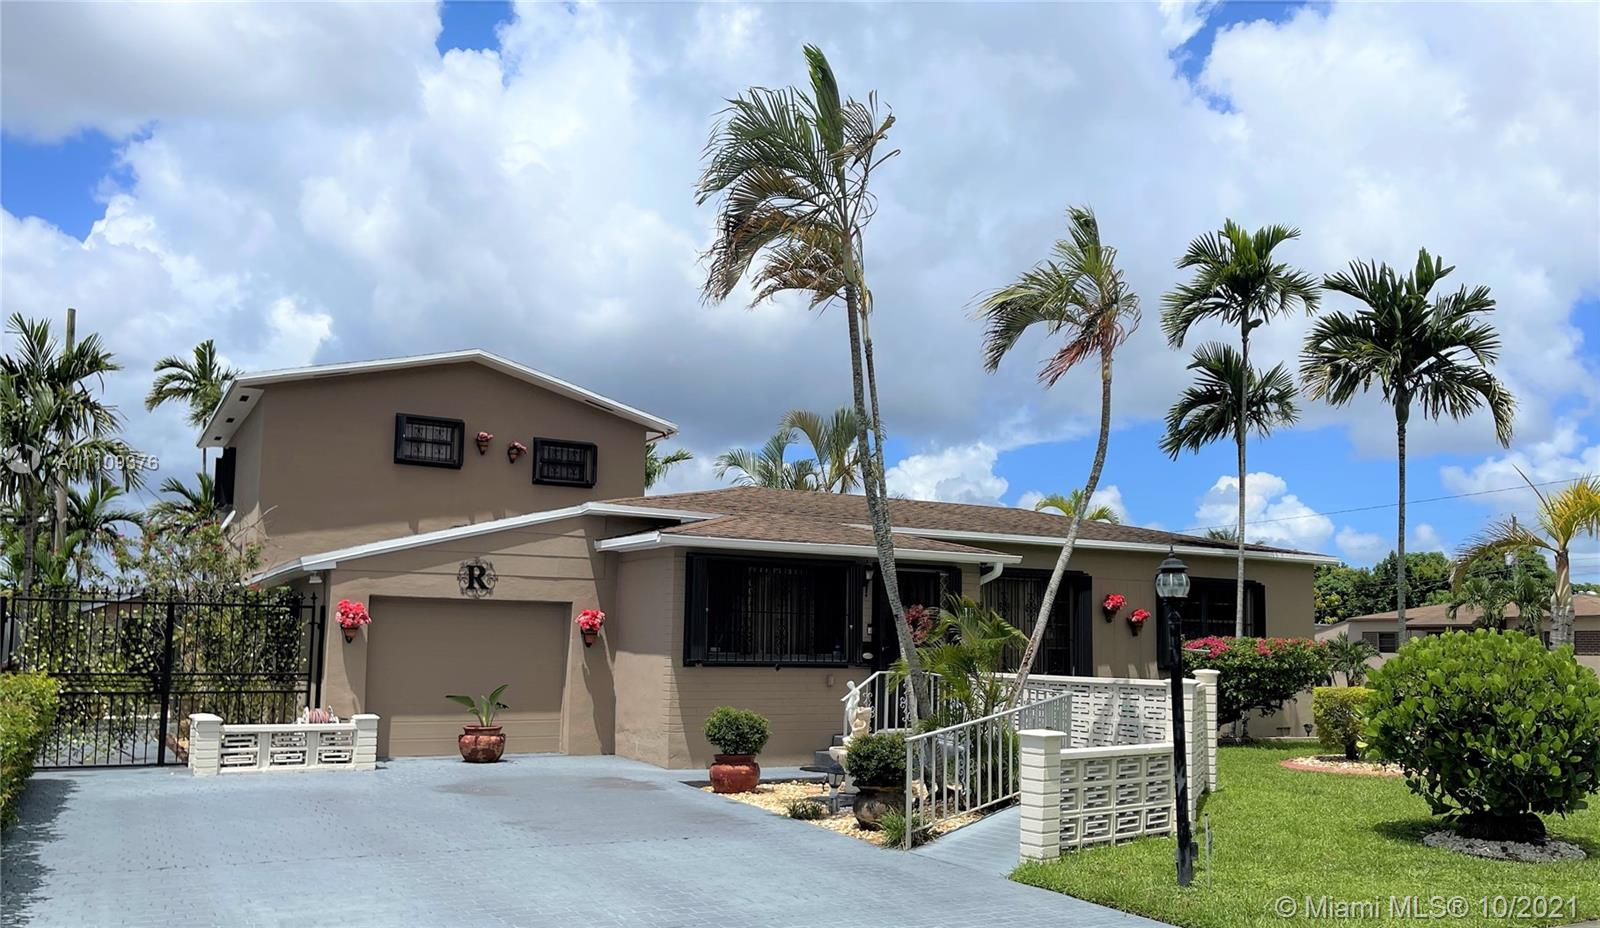 Palm Spring - 265 W 54th St, Hialeah, FL 33012